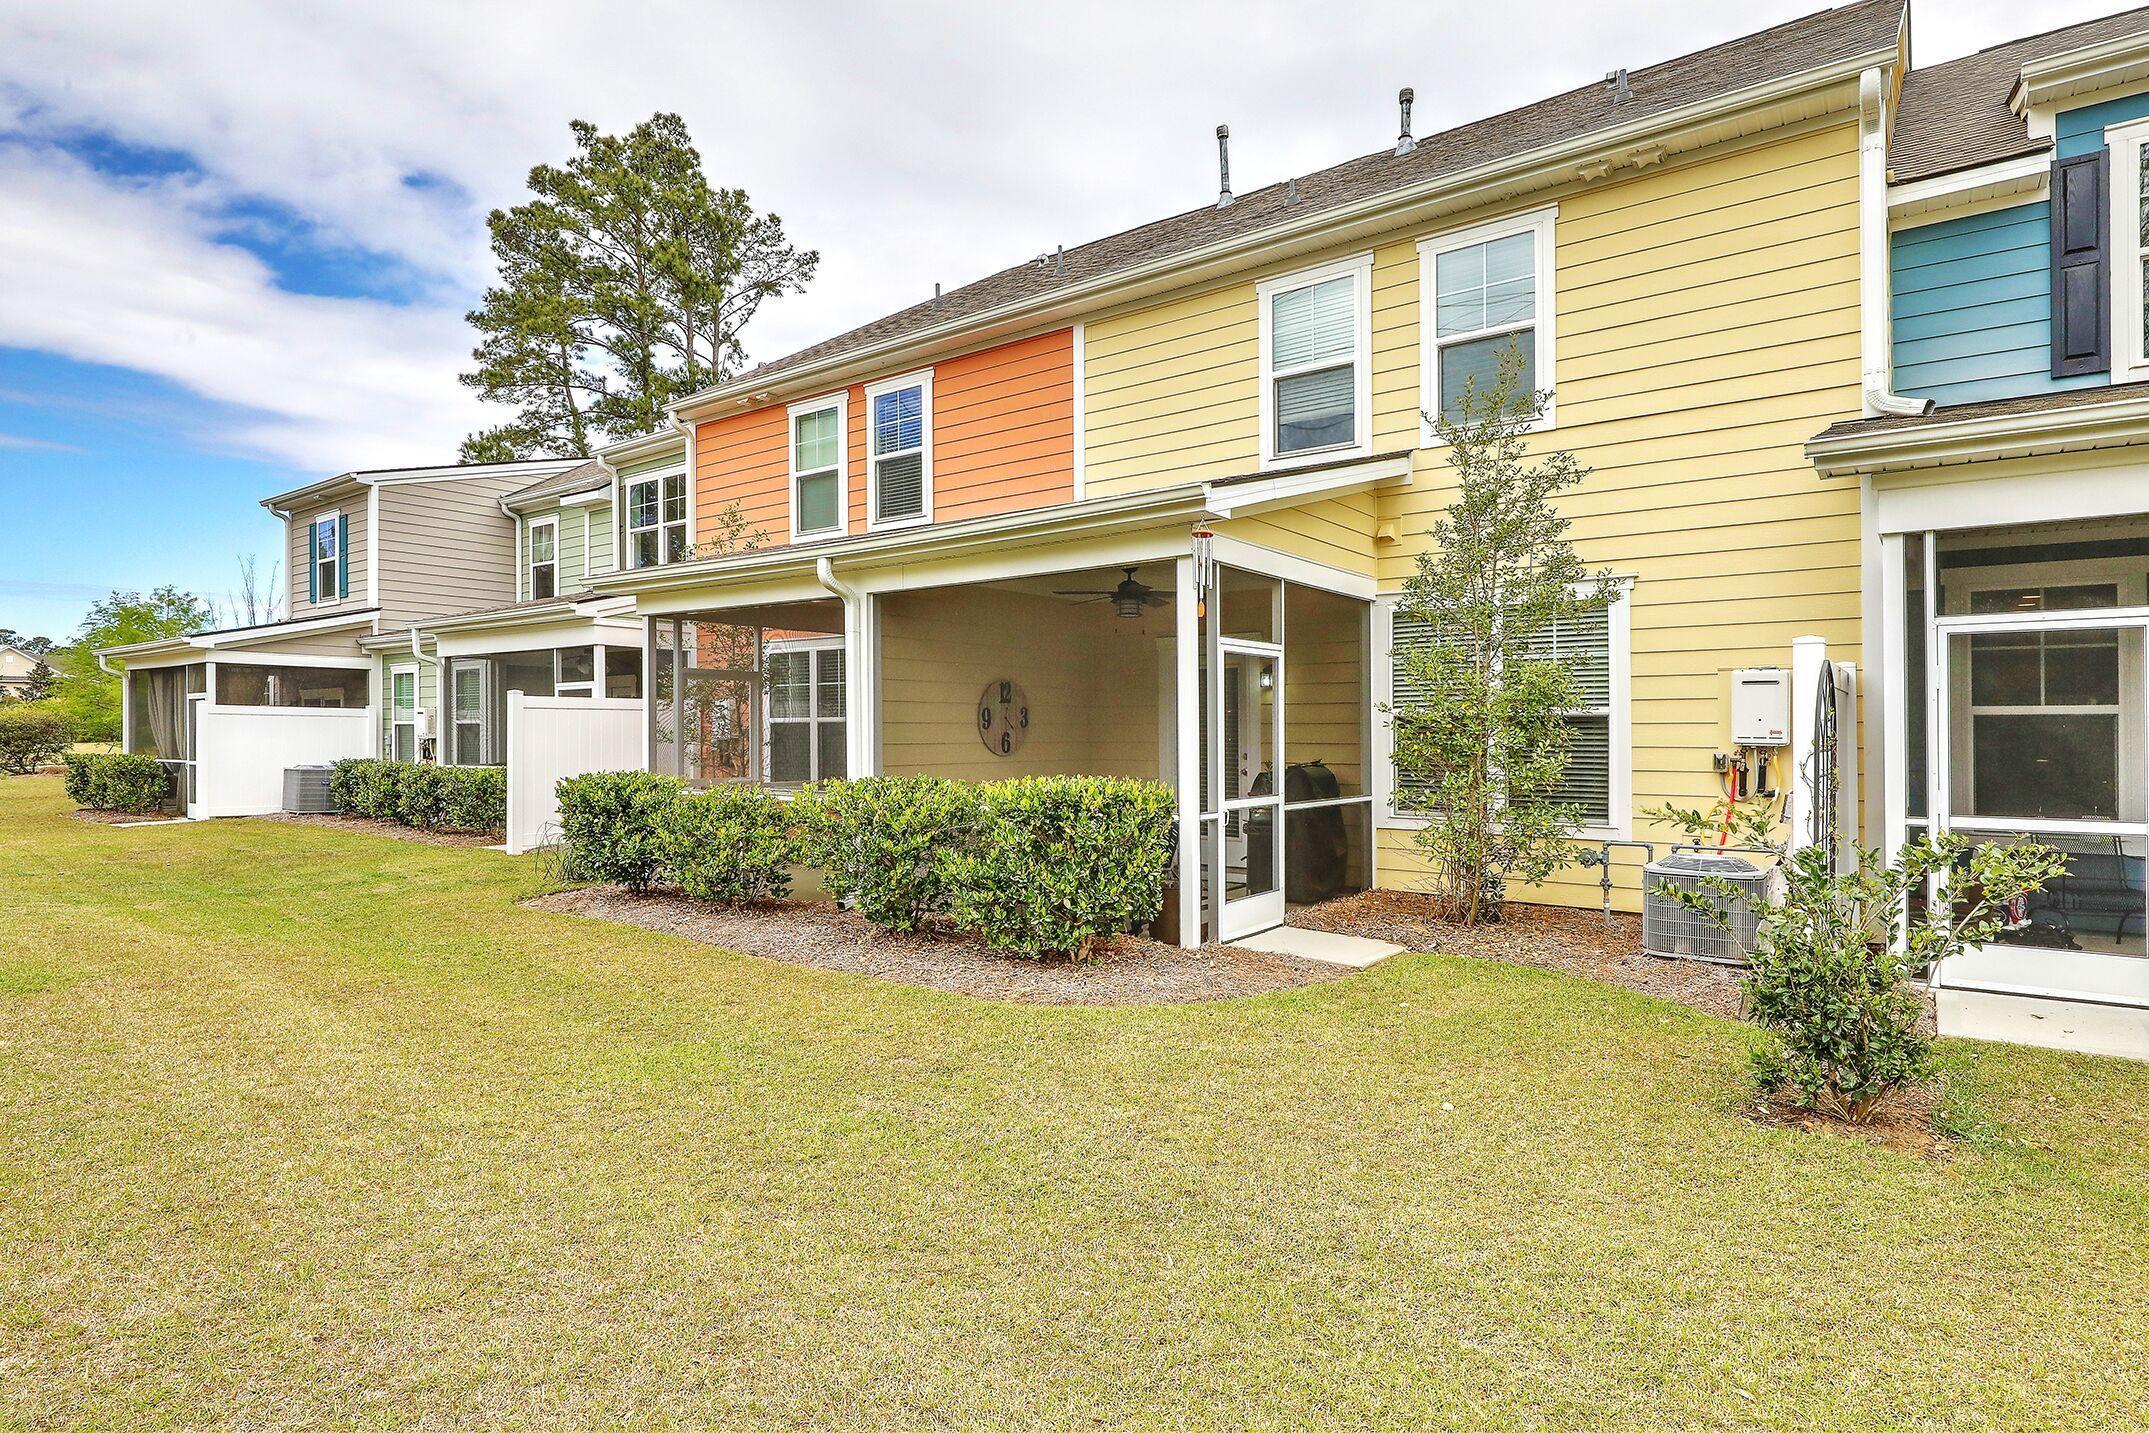 Park West Homes For Sale - 1819 Chauncys, Mount Pleasant, SC - 30